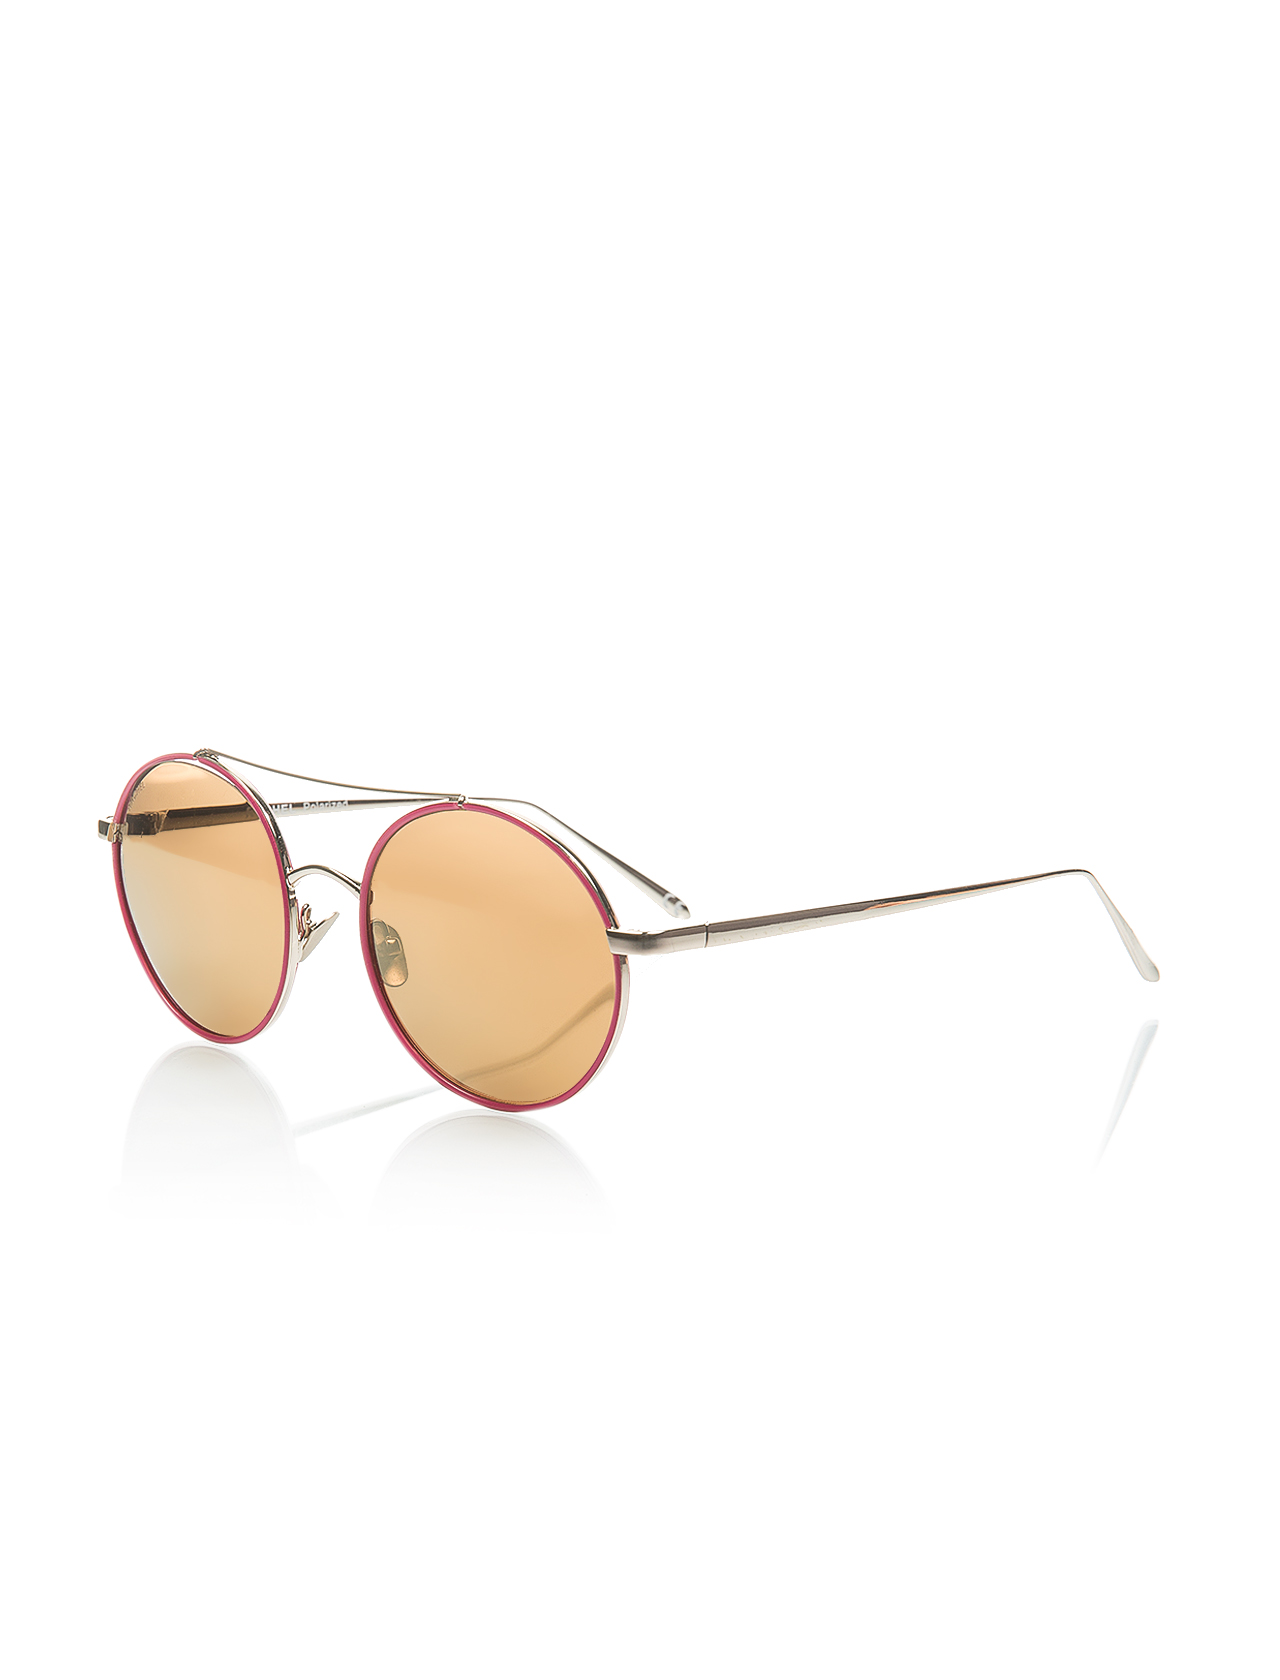 Women's sunglasses rh 16706 06 metal pink organic round round 52-20-140 rachel